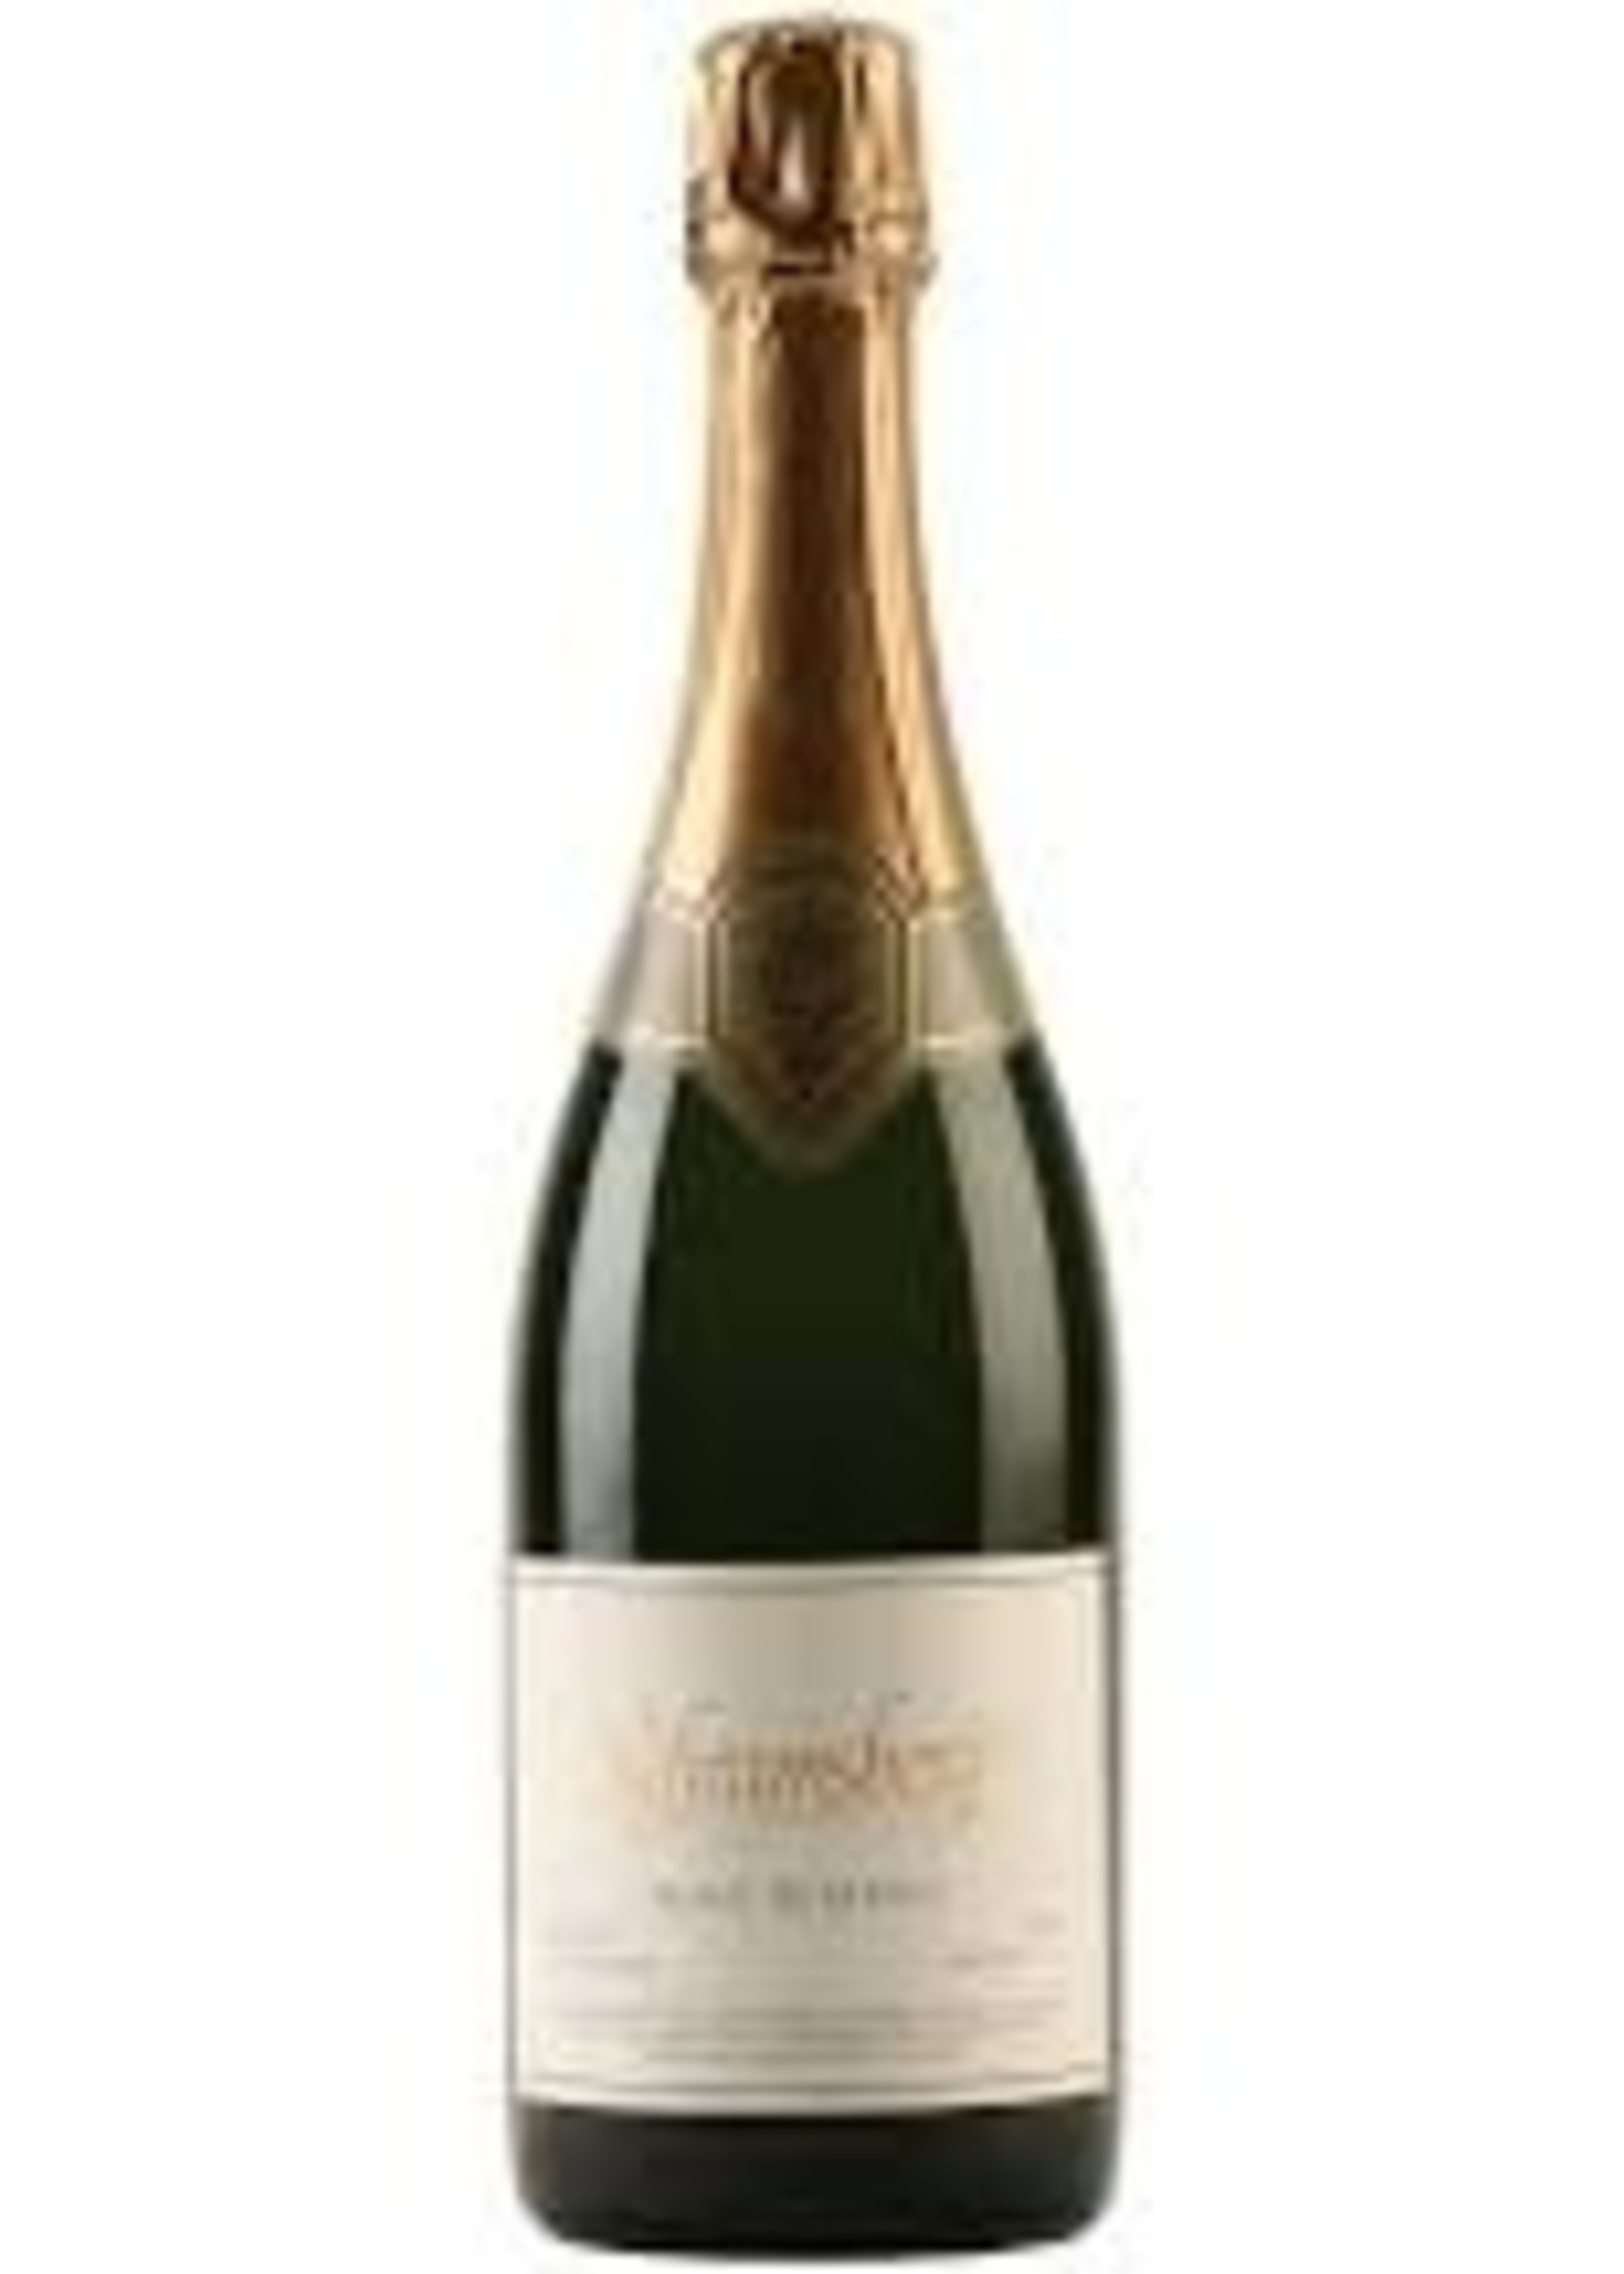 Schramsberg 2017 Blanc de Blancs Brut 750ml